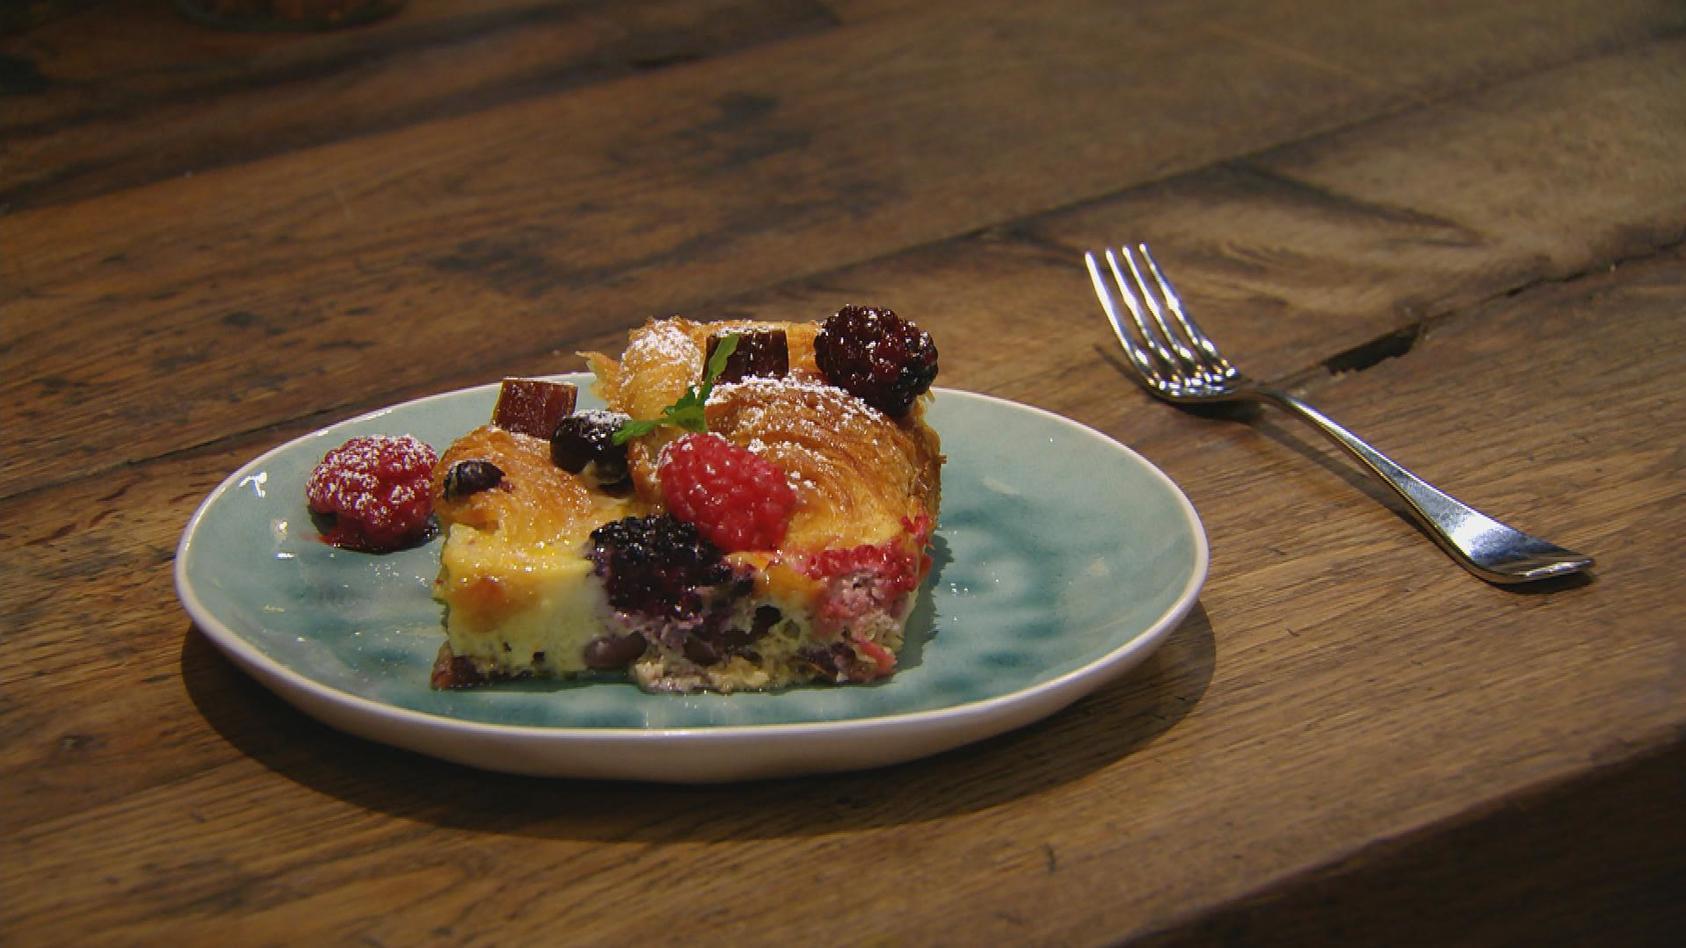 Ab in den Ofen – Leckere Aufläufe: Croissant-Auflauf mit Früchten